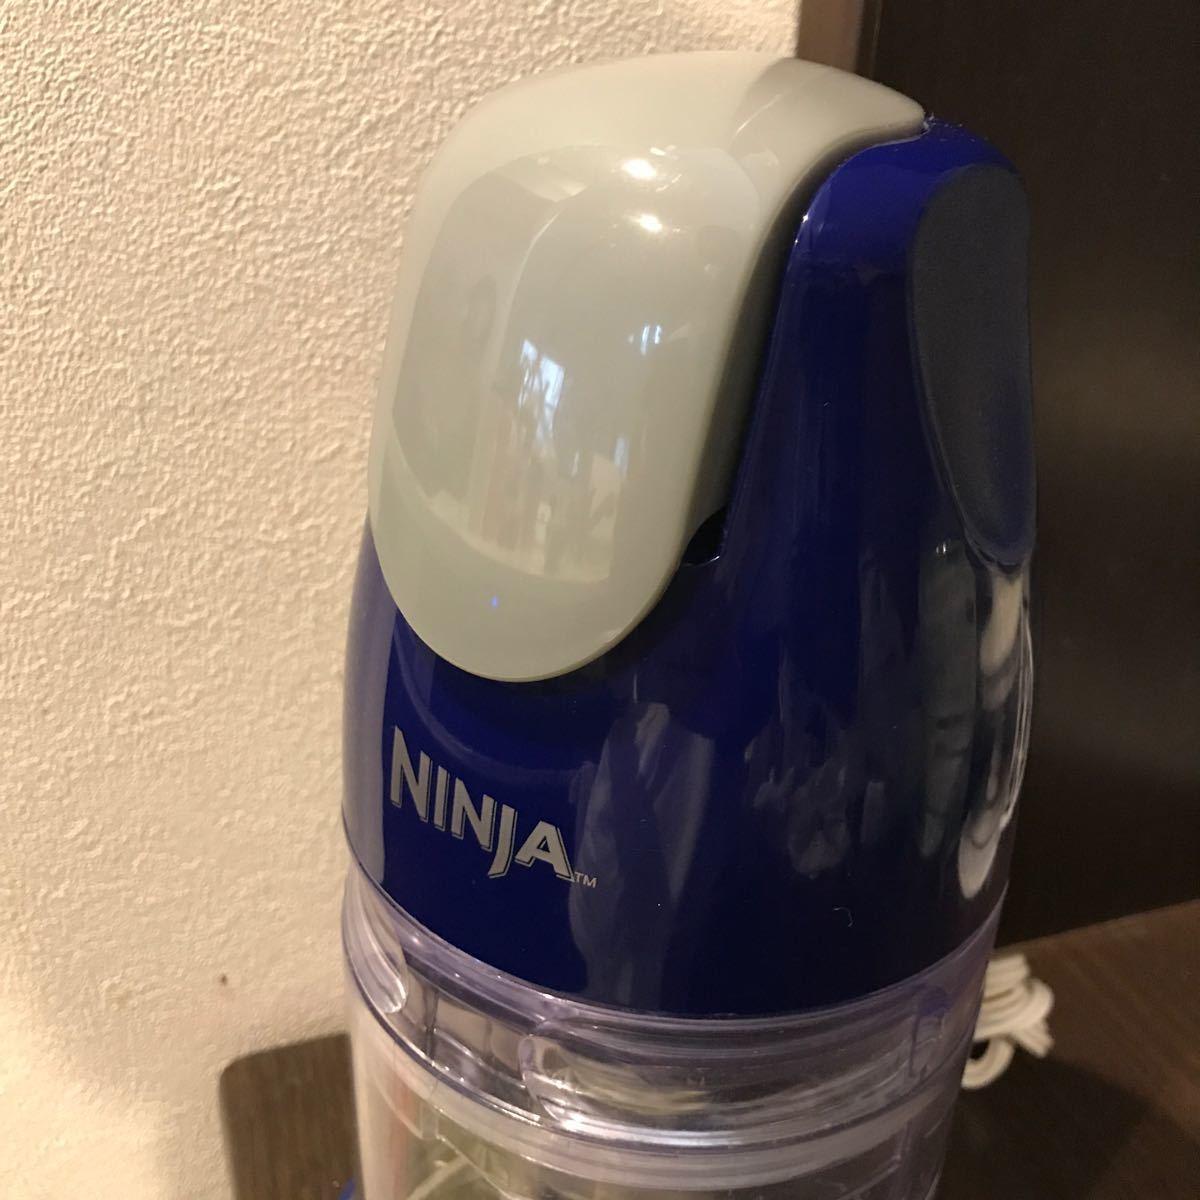 フードプロセッサー ニンジャ  Ninja